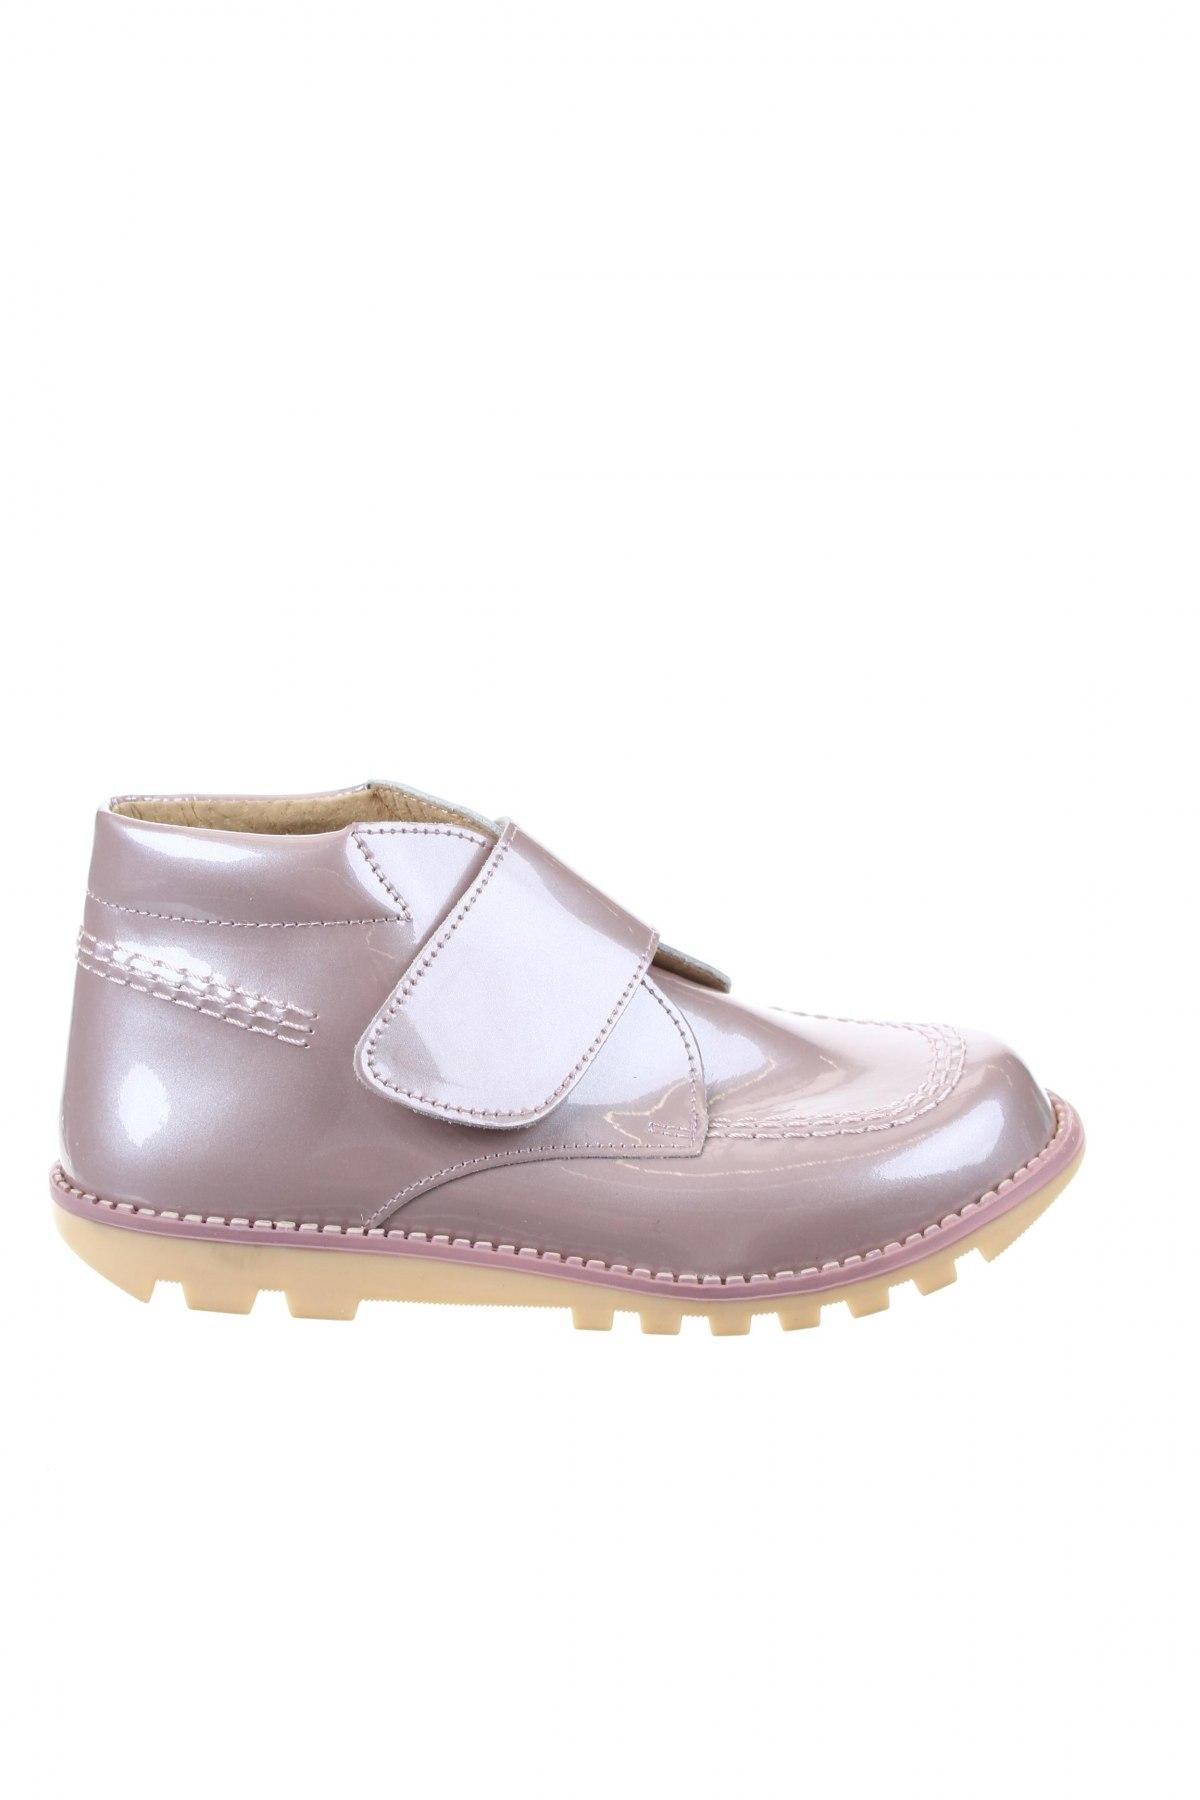 Παιδικά παπούτσια Lola Palacios, Μέγεθος 30, Χρώμα Ρόζ , Γνήσιο δέρμα, Τιμή 24,43€